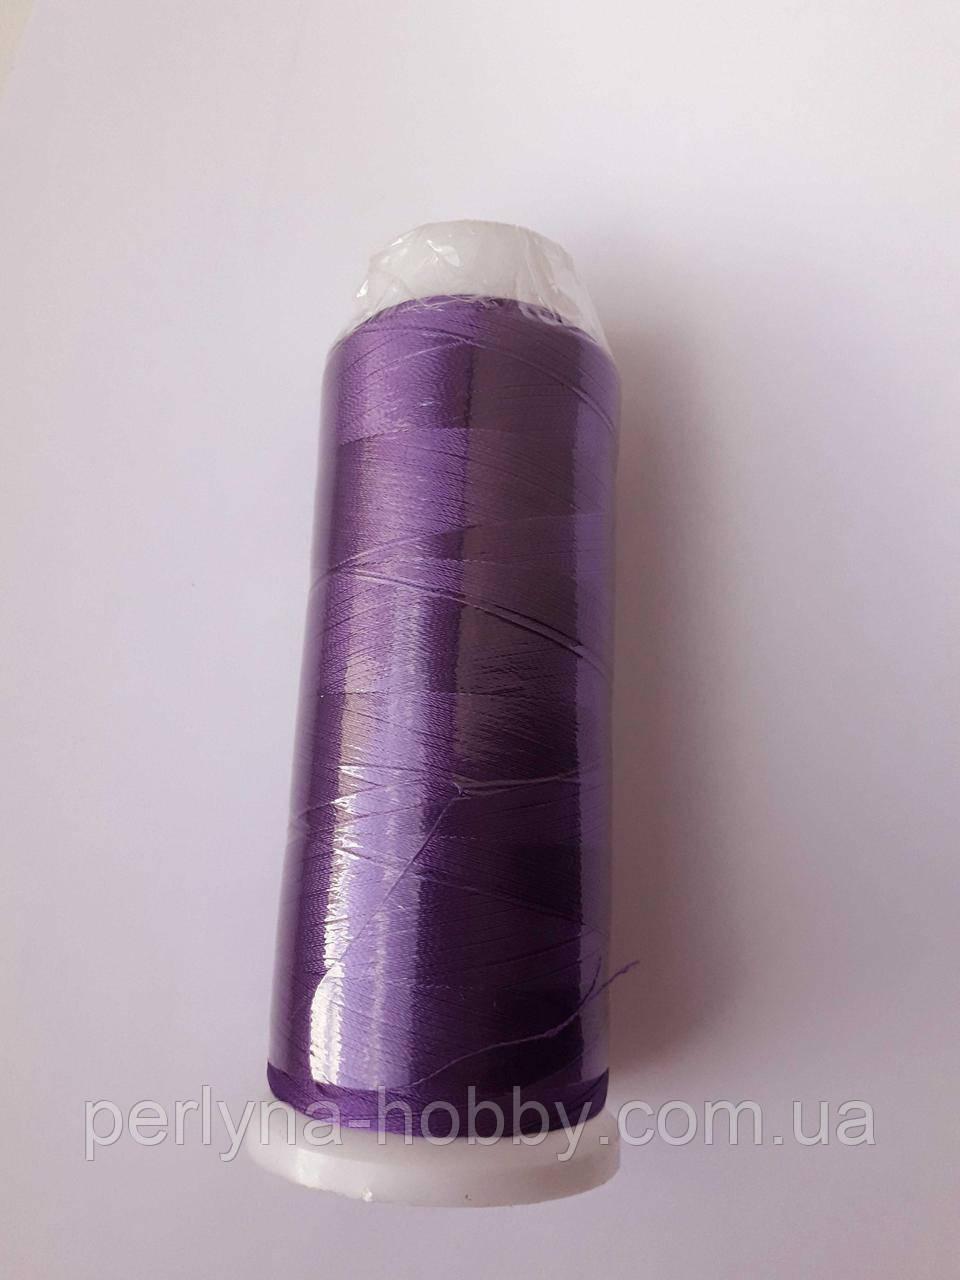 Нитки для машинной вышивки 100% вискоза (100% rayon) 3000 ярдів, № 487, фіолетовий